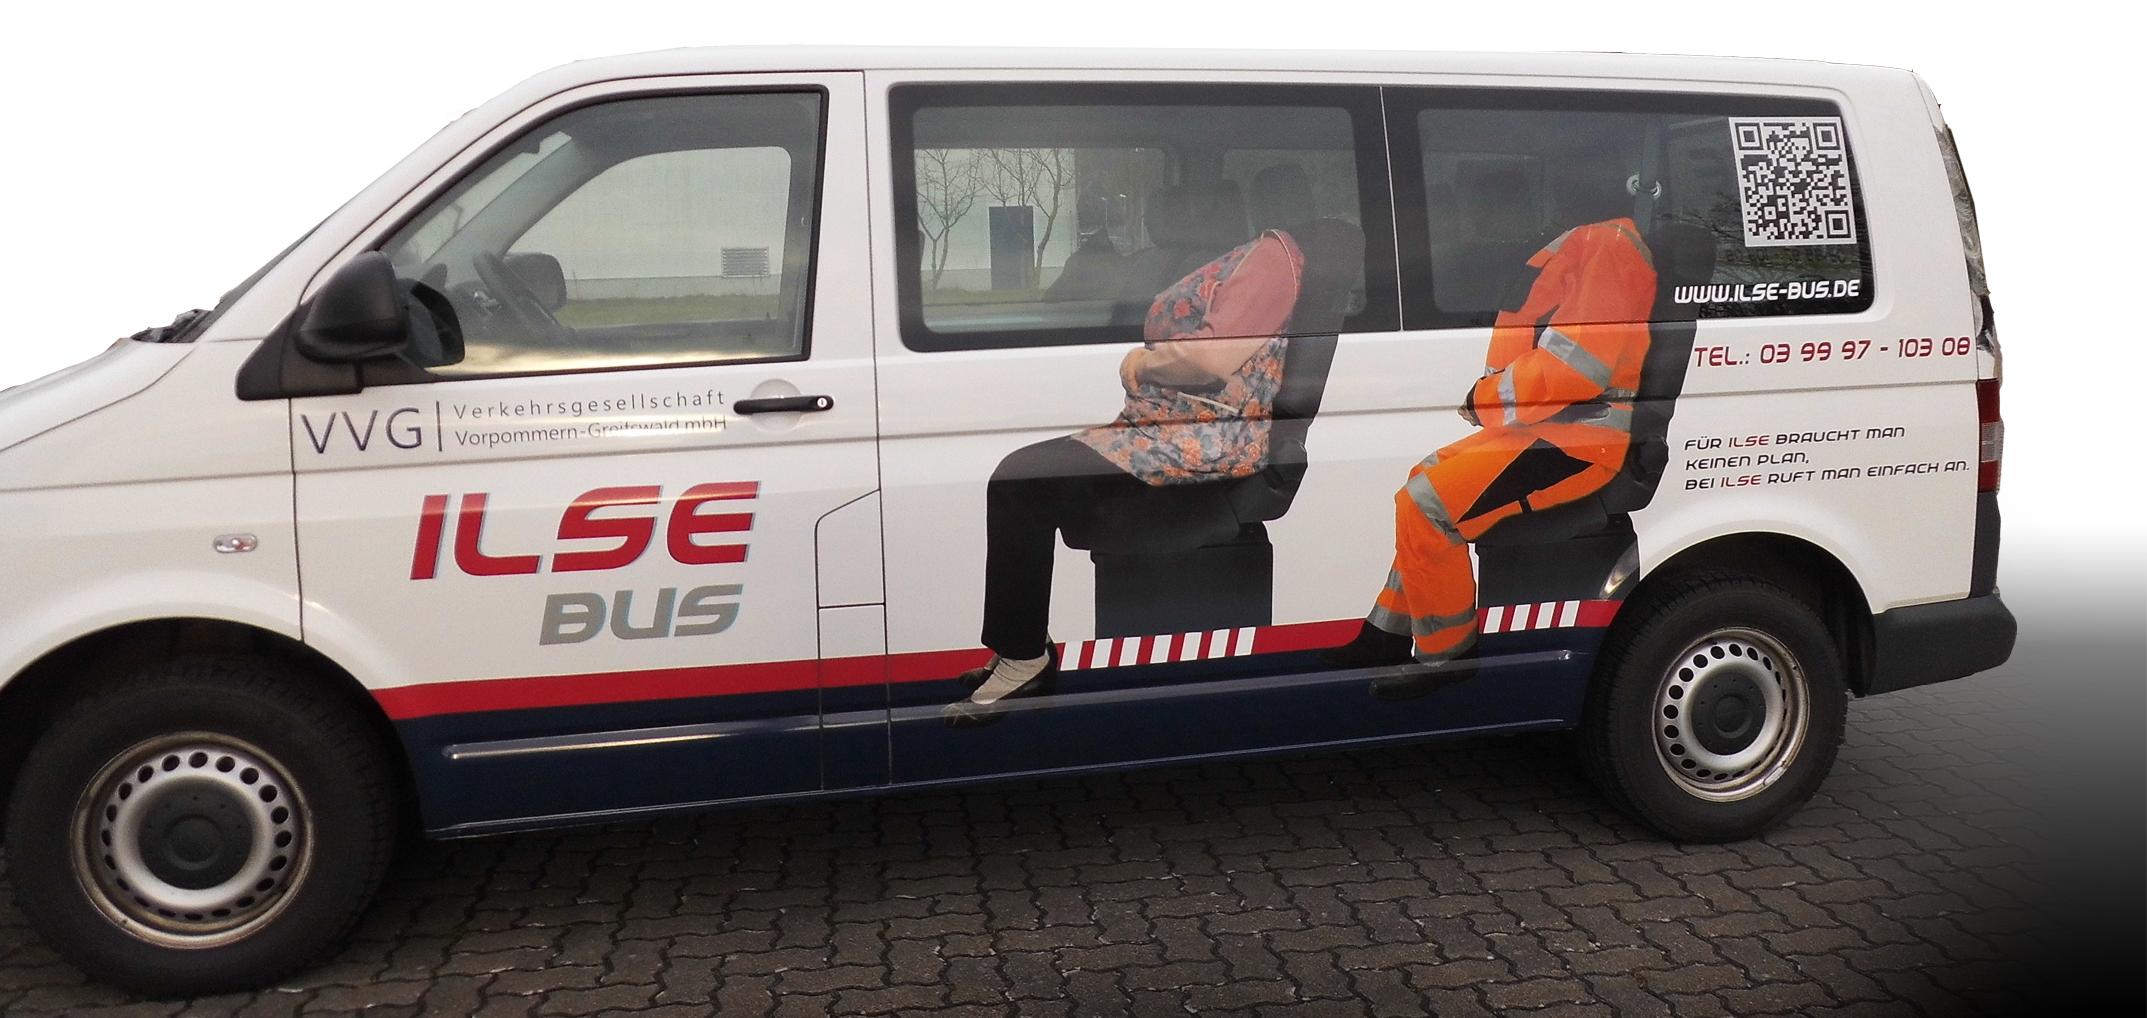 Konzeption Fahrzeugbeklebung Ilse Bus wiessmann